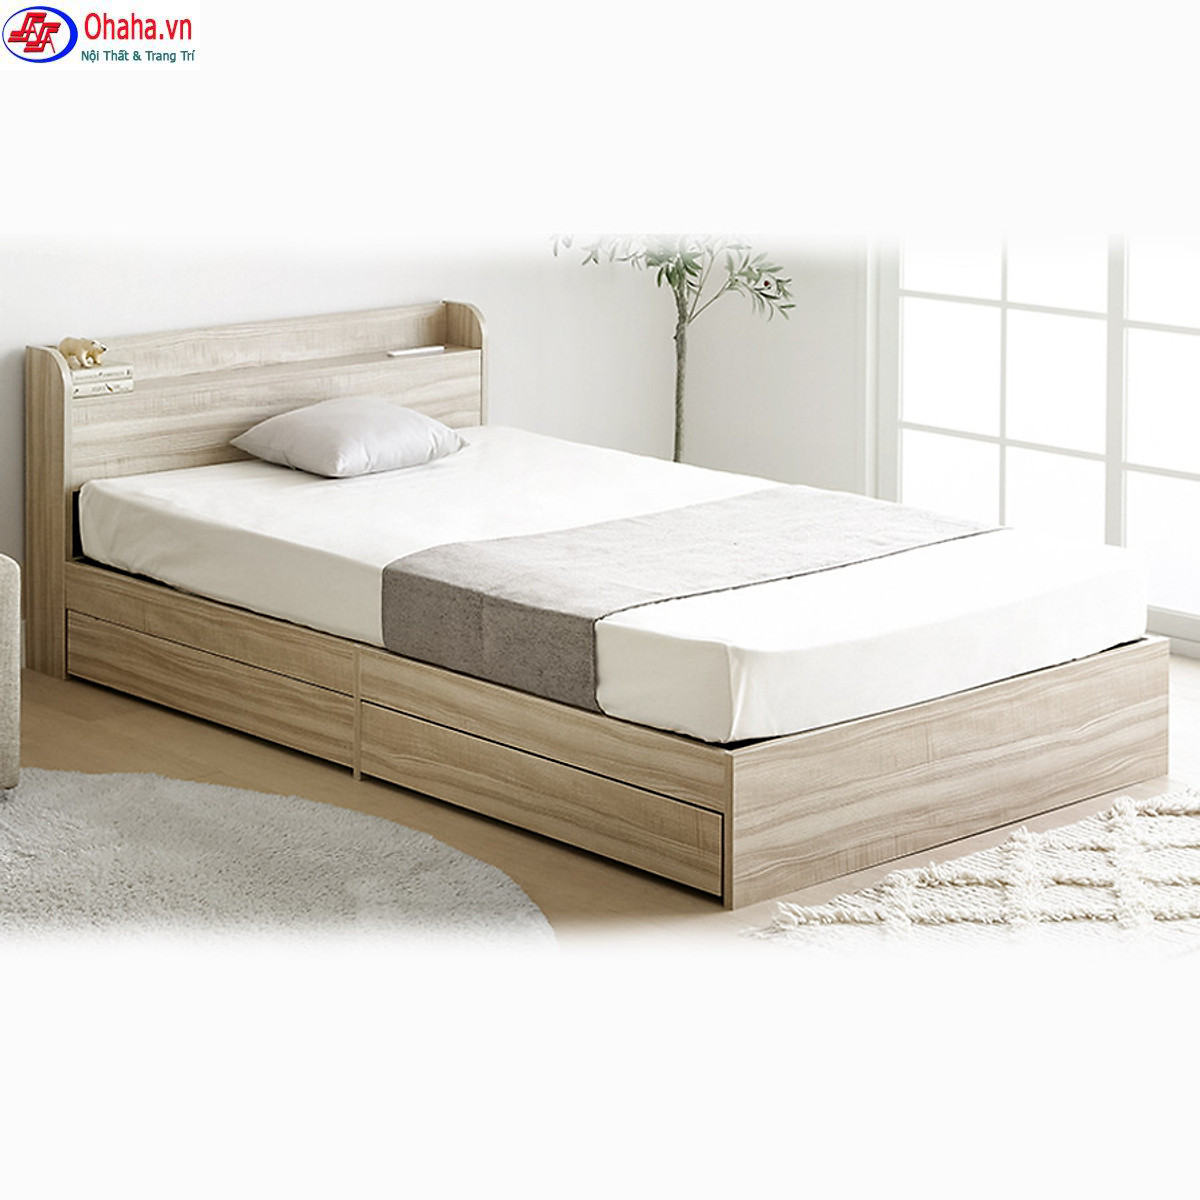 Giường ngủ gỗ công nghiệp cao cấp Ohaha-003